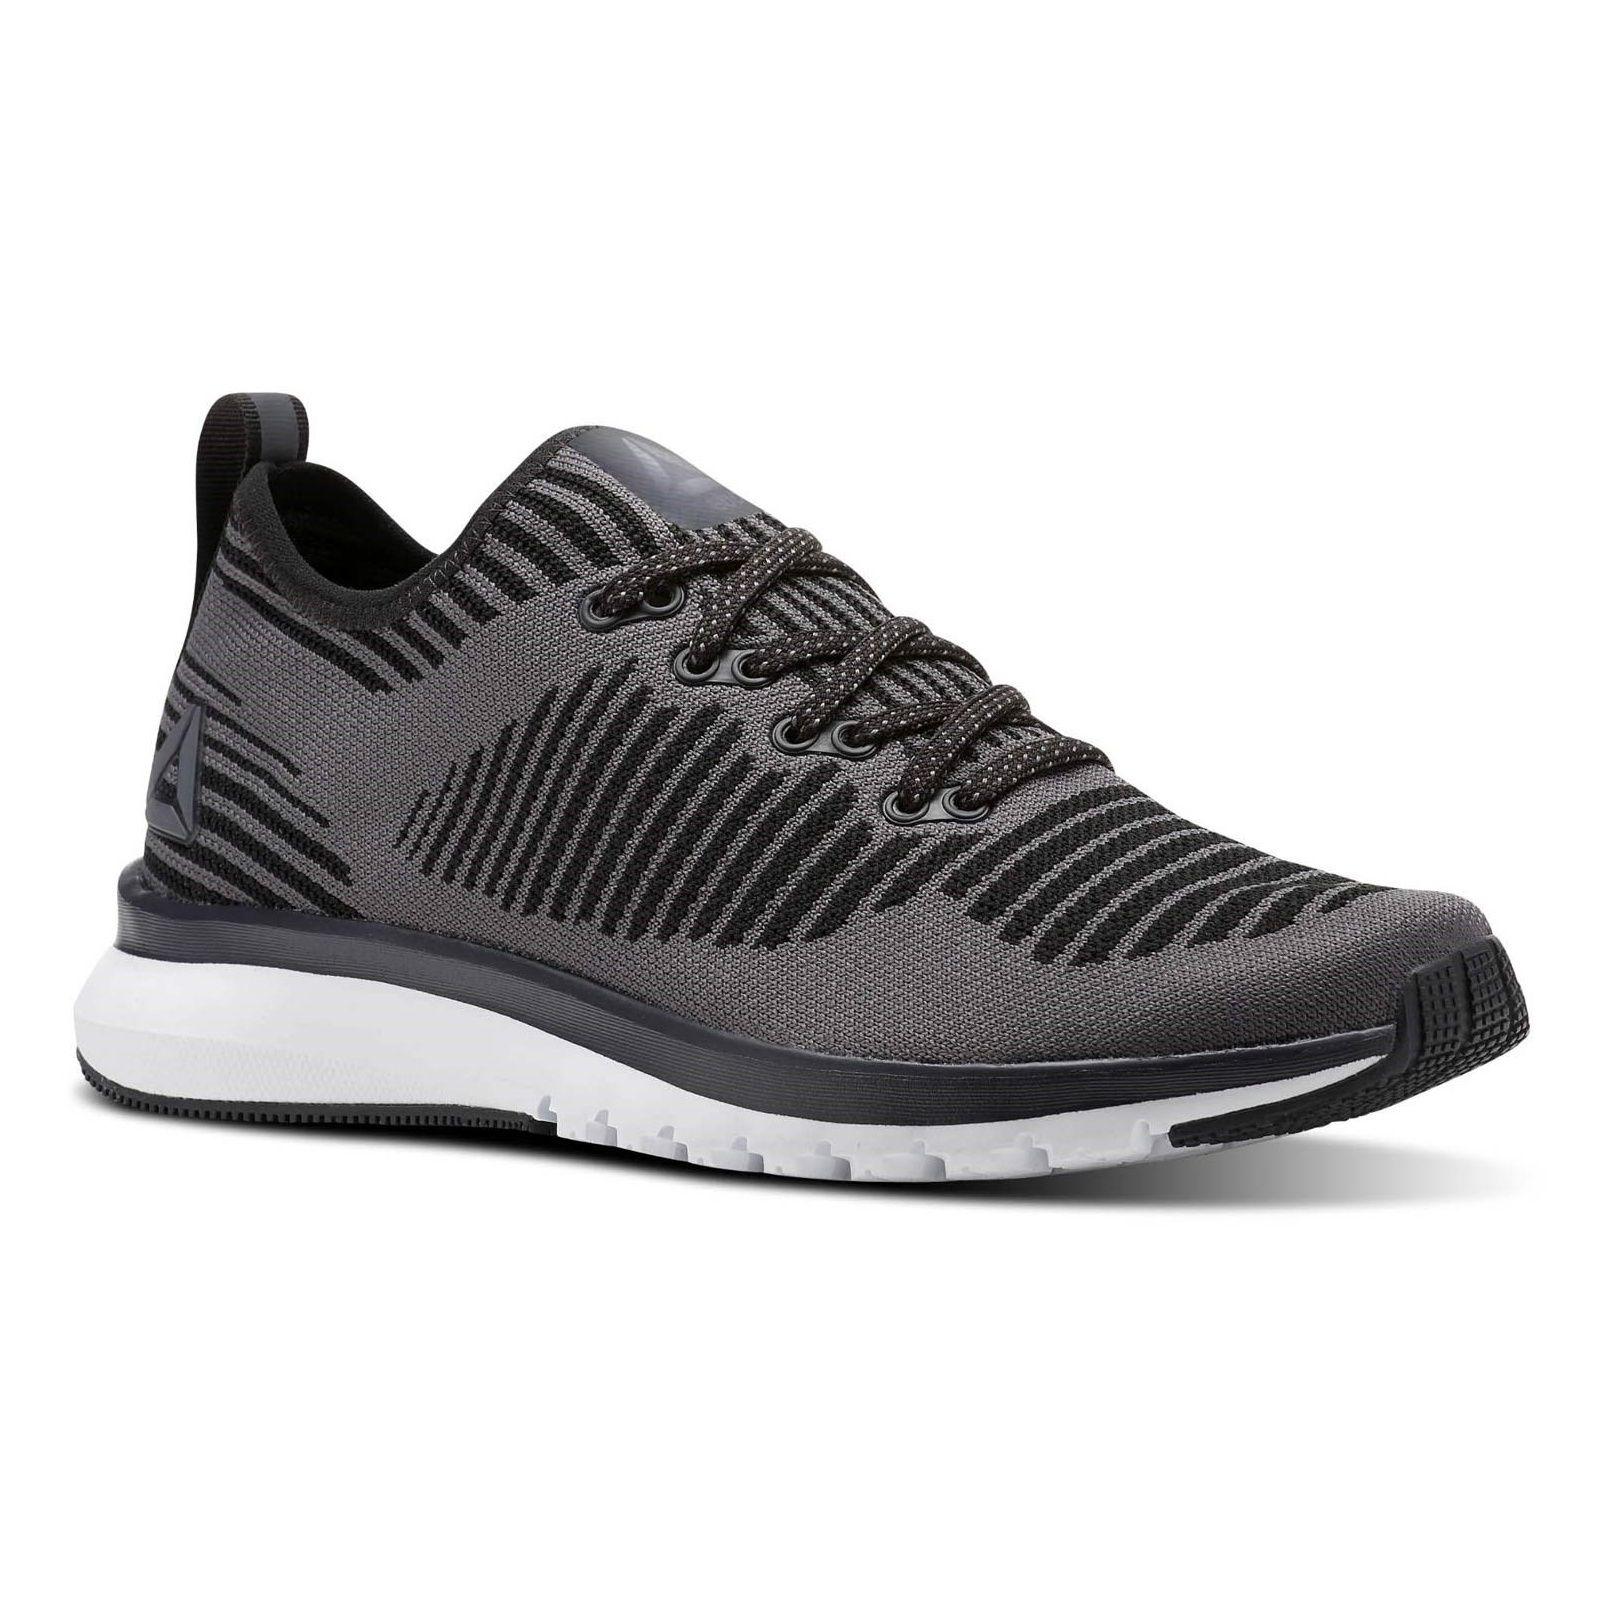 کفش دویدن بندی زنانه Print Smooth 2 Ultraknit - ریباک - خاکستري - 6